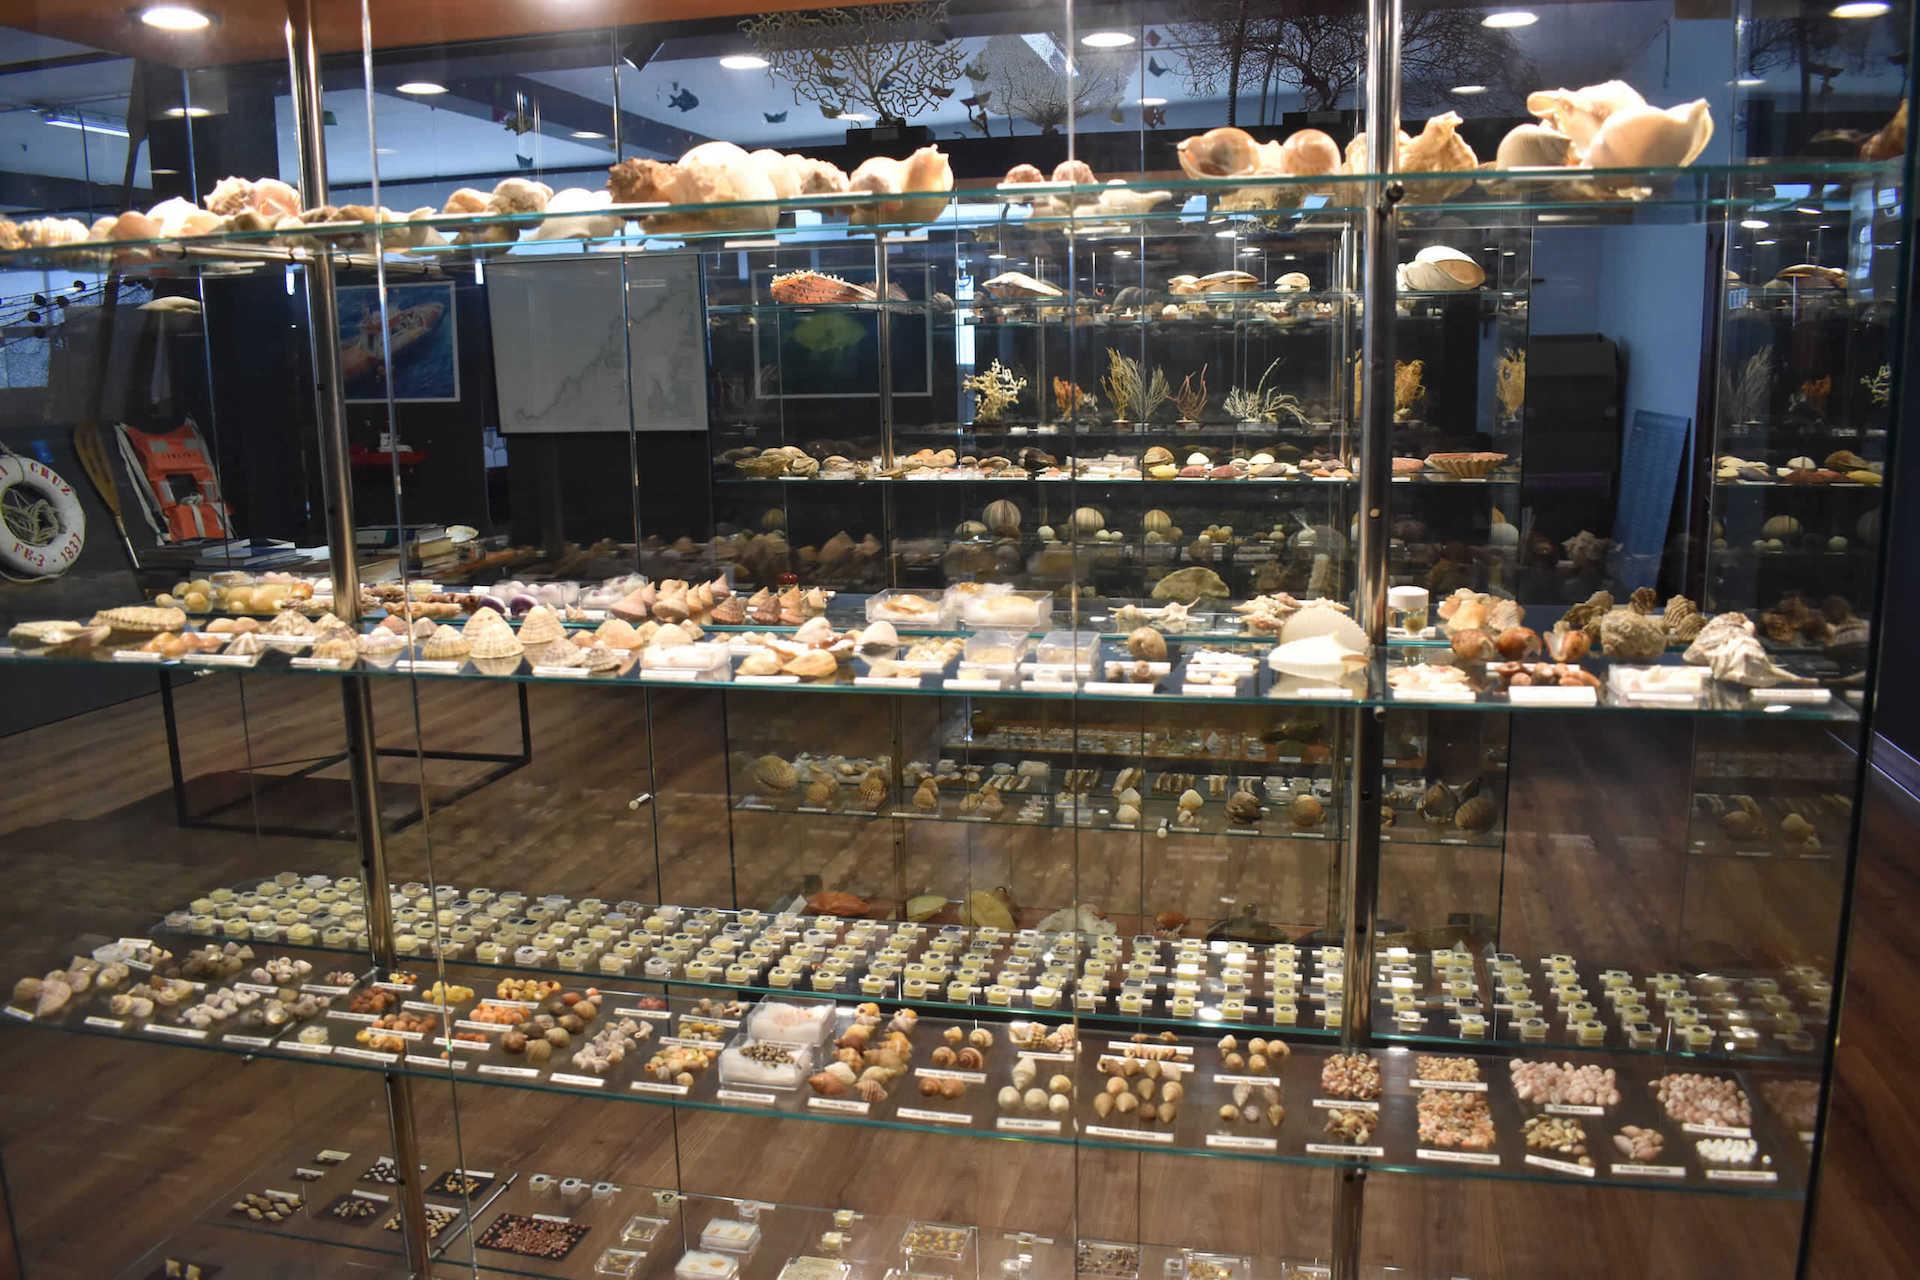 Coleccion interesante de conchas y malacologia en la exposición - Manuel Suarez